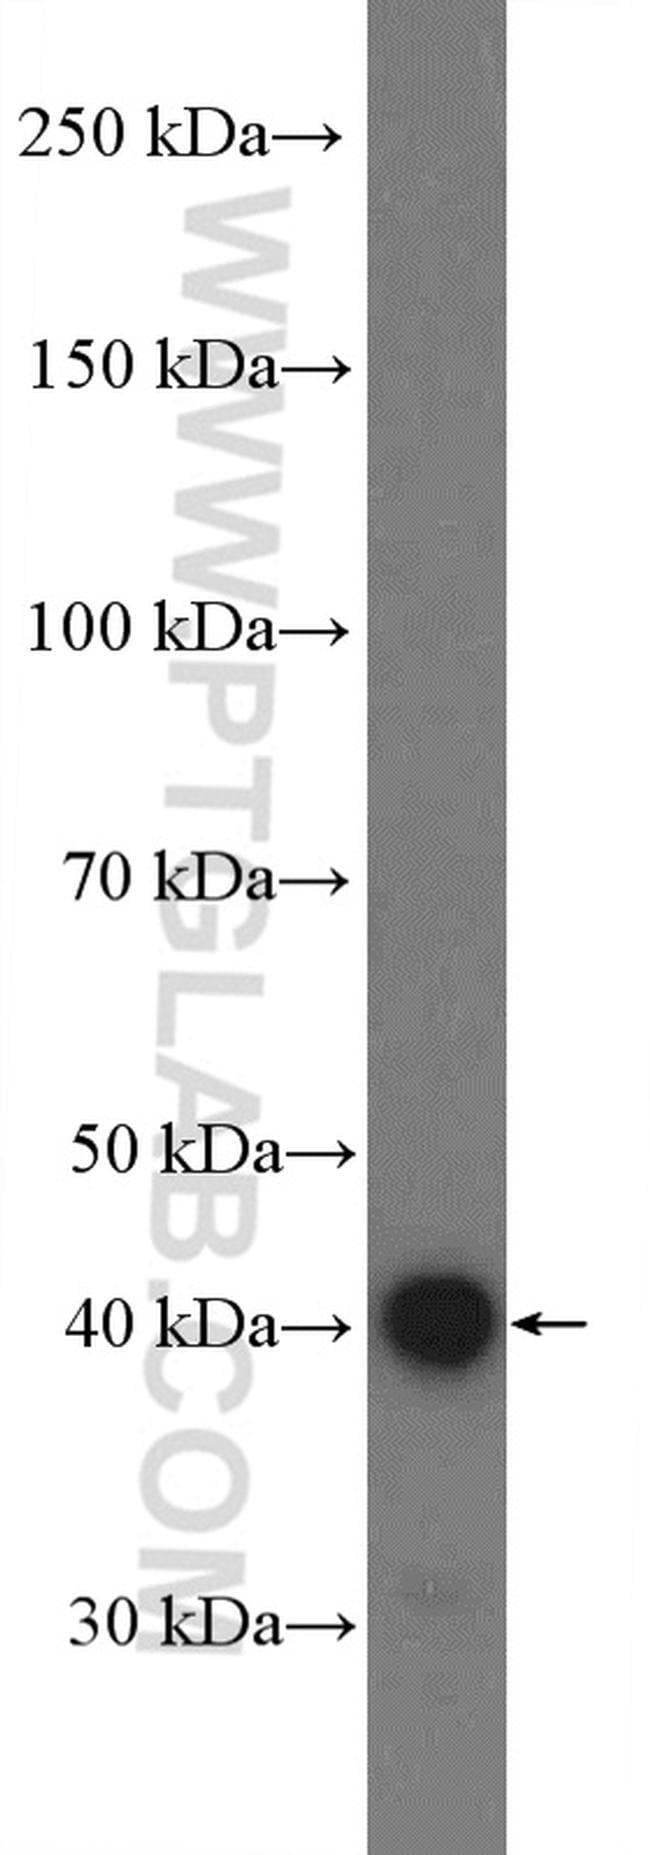 BDKRB1 Rabbit anti-Human, Polyclonal, Proteintech 20 μL; Unconjugated voir les résultats